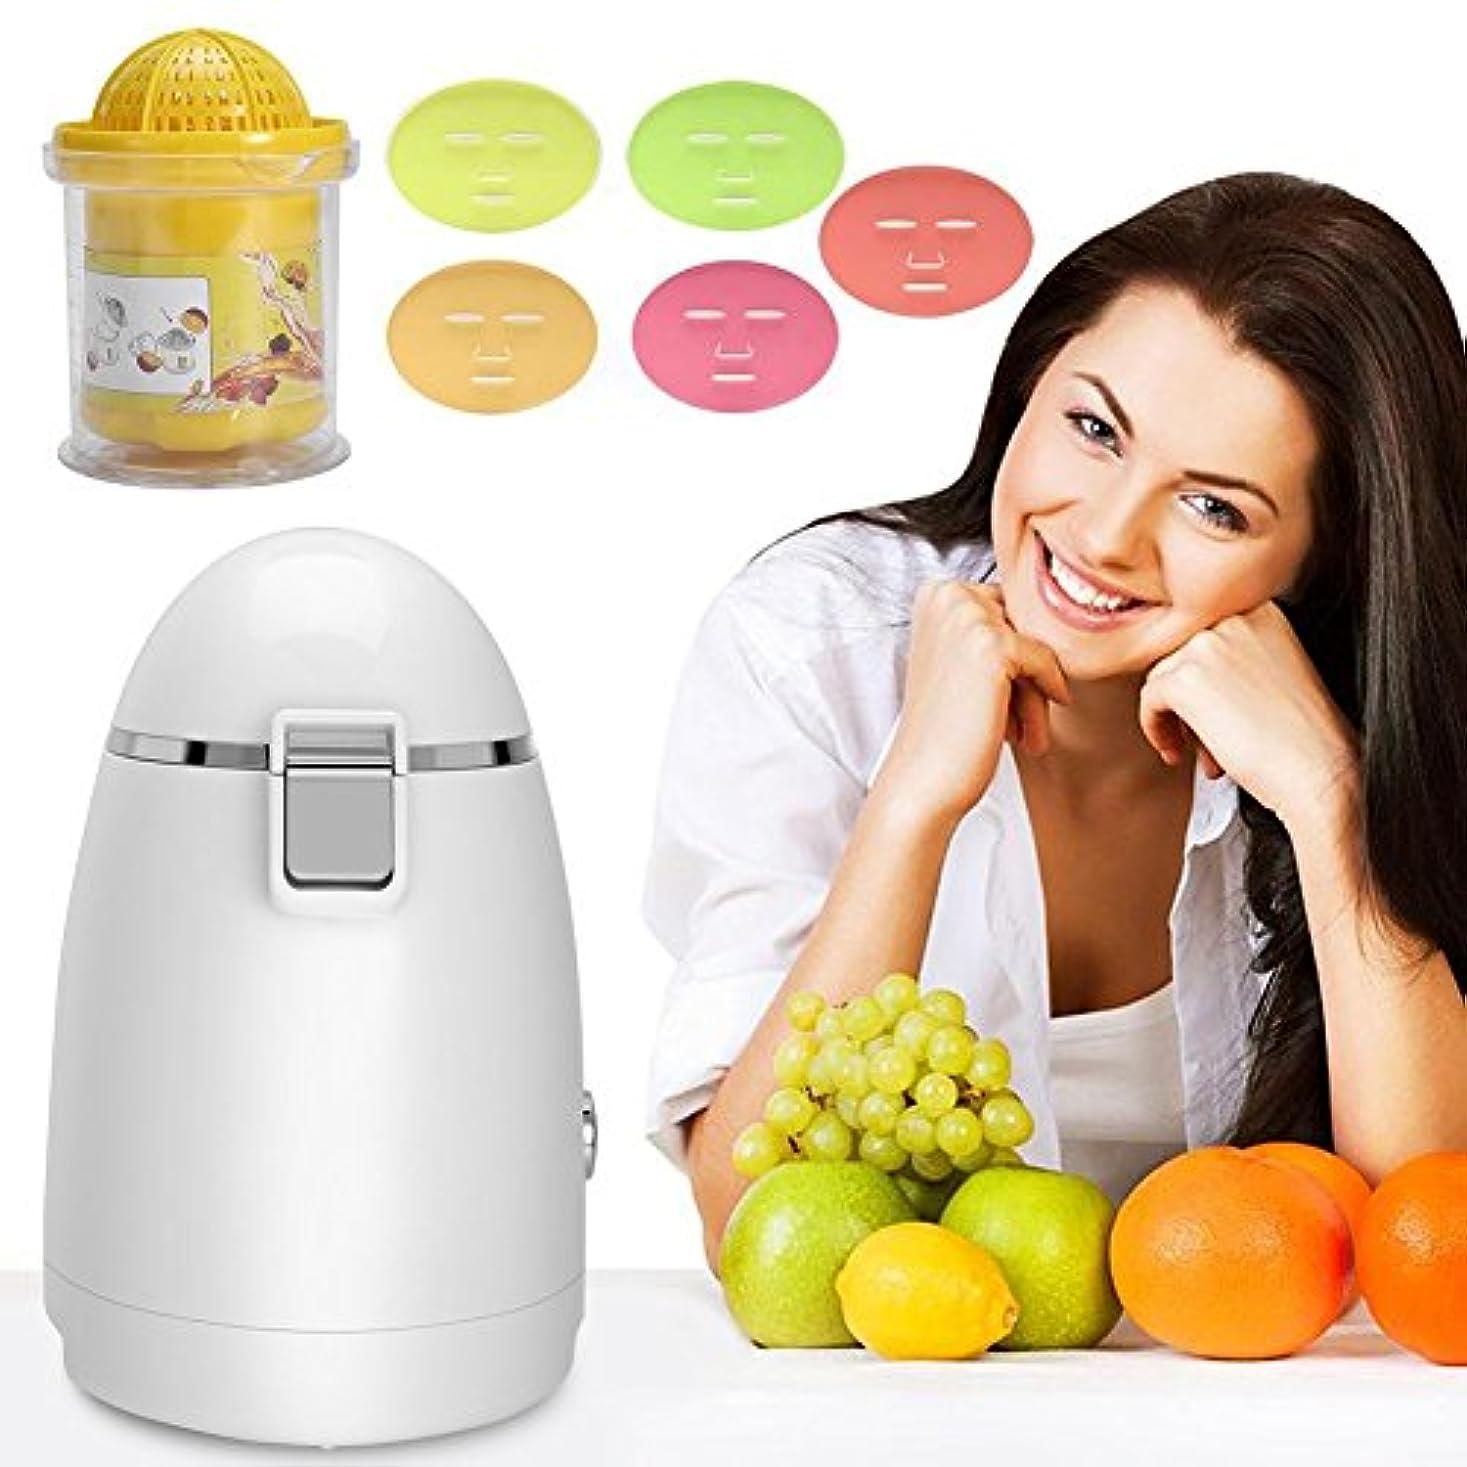 ゴシップ吸収する振り返るマスクマシン、ワンタッチスマートDIYの果物や野菜ナチュラルと有機スキンマスクの製造は、12カウントコラーゲンシート